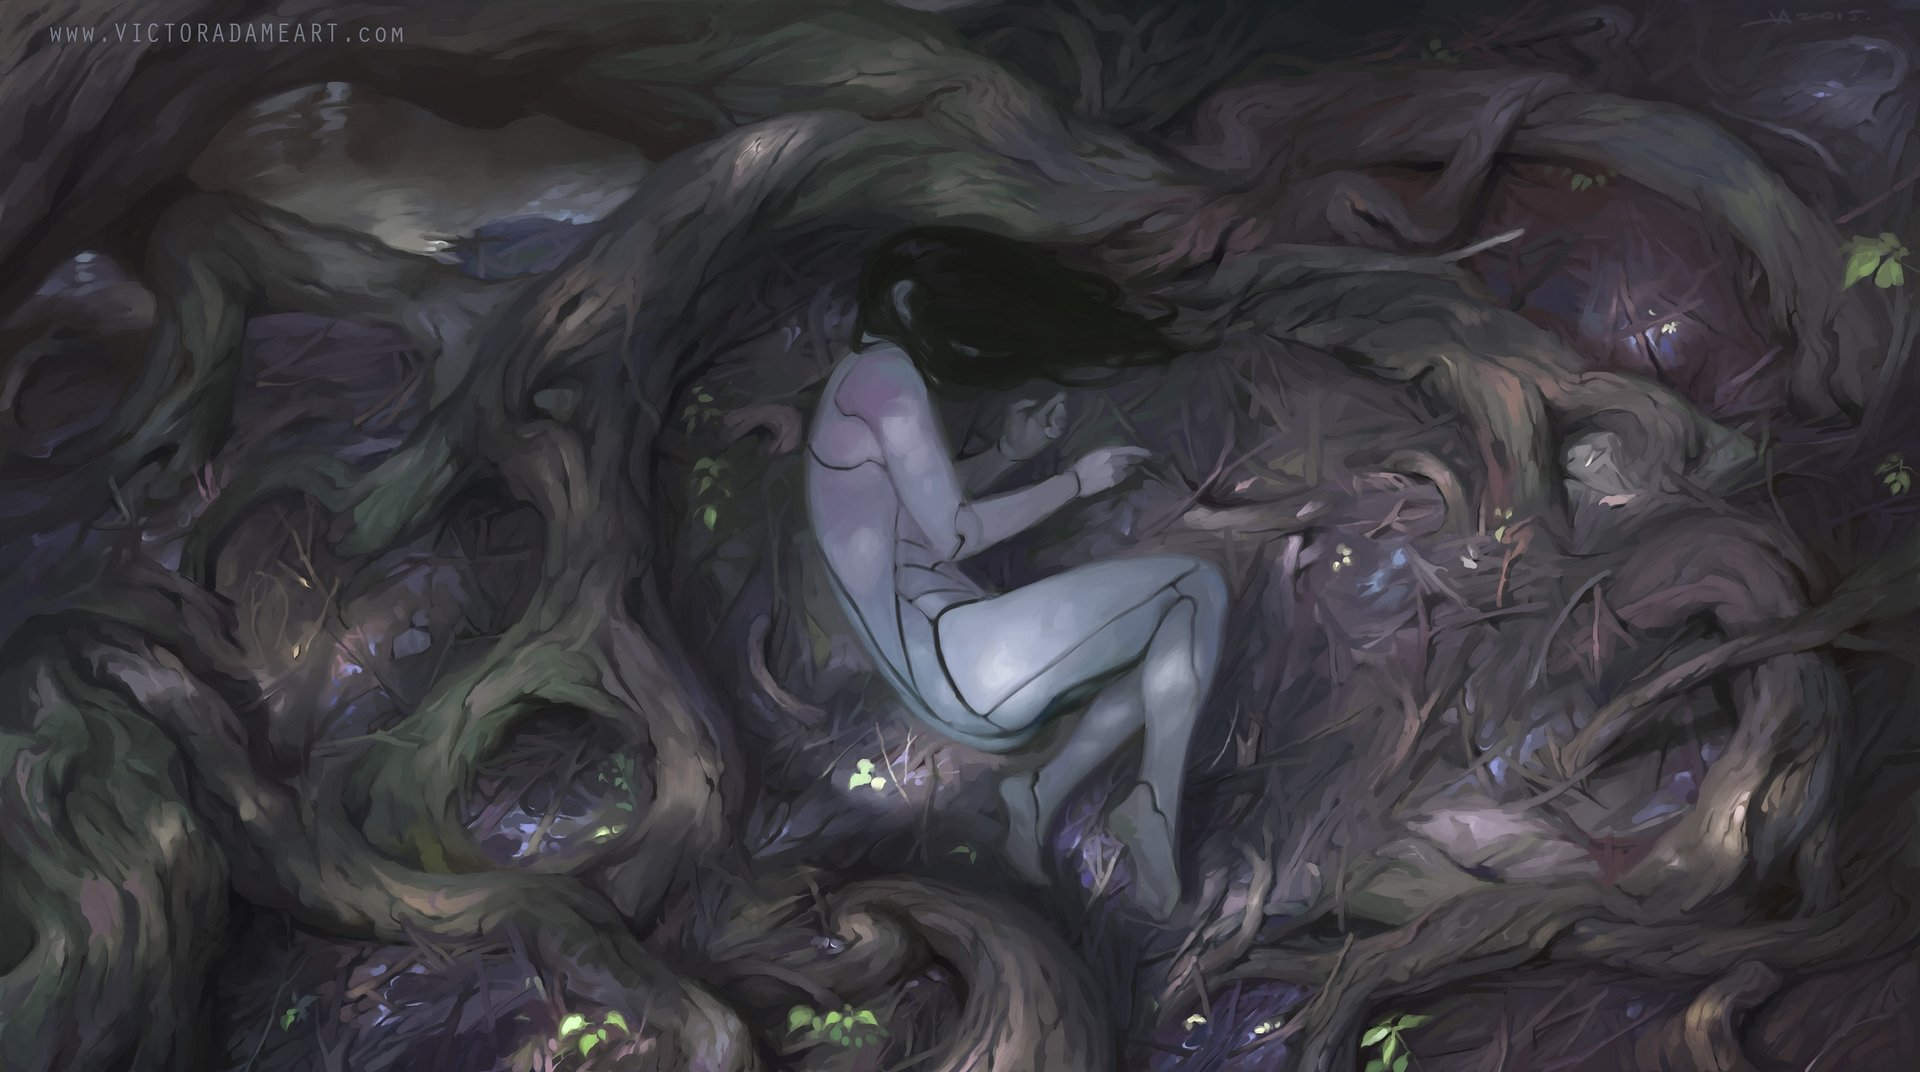 Les digital paintings de fantasy à tomber de Victor Adame Mínguez